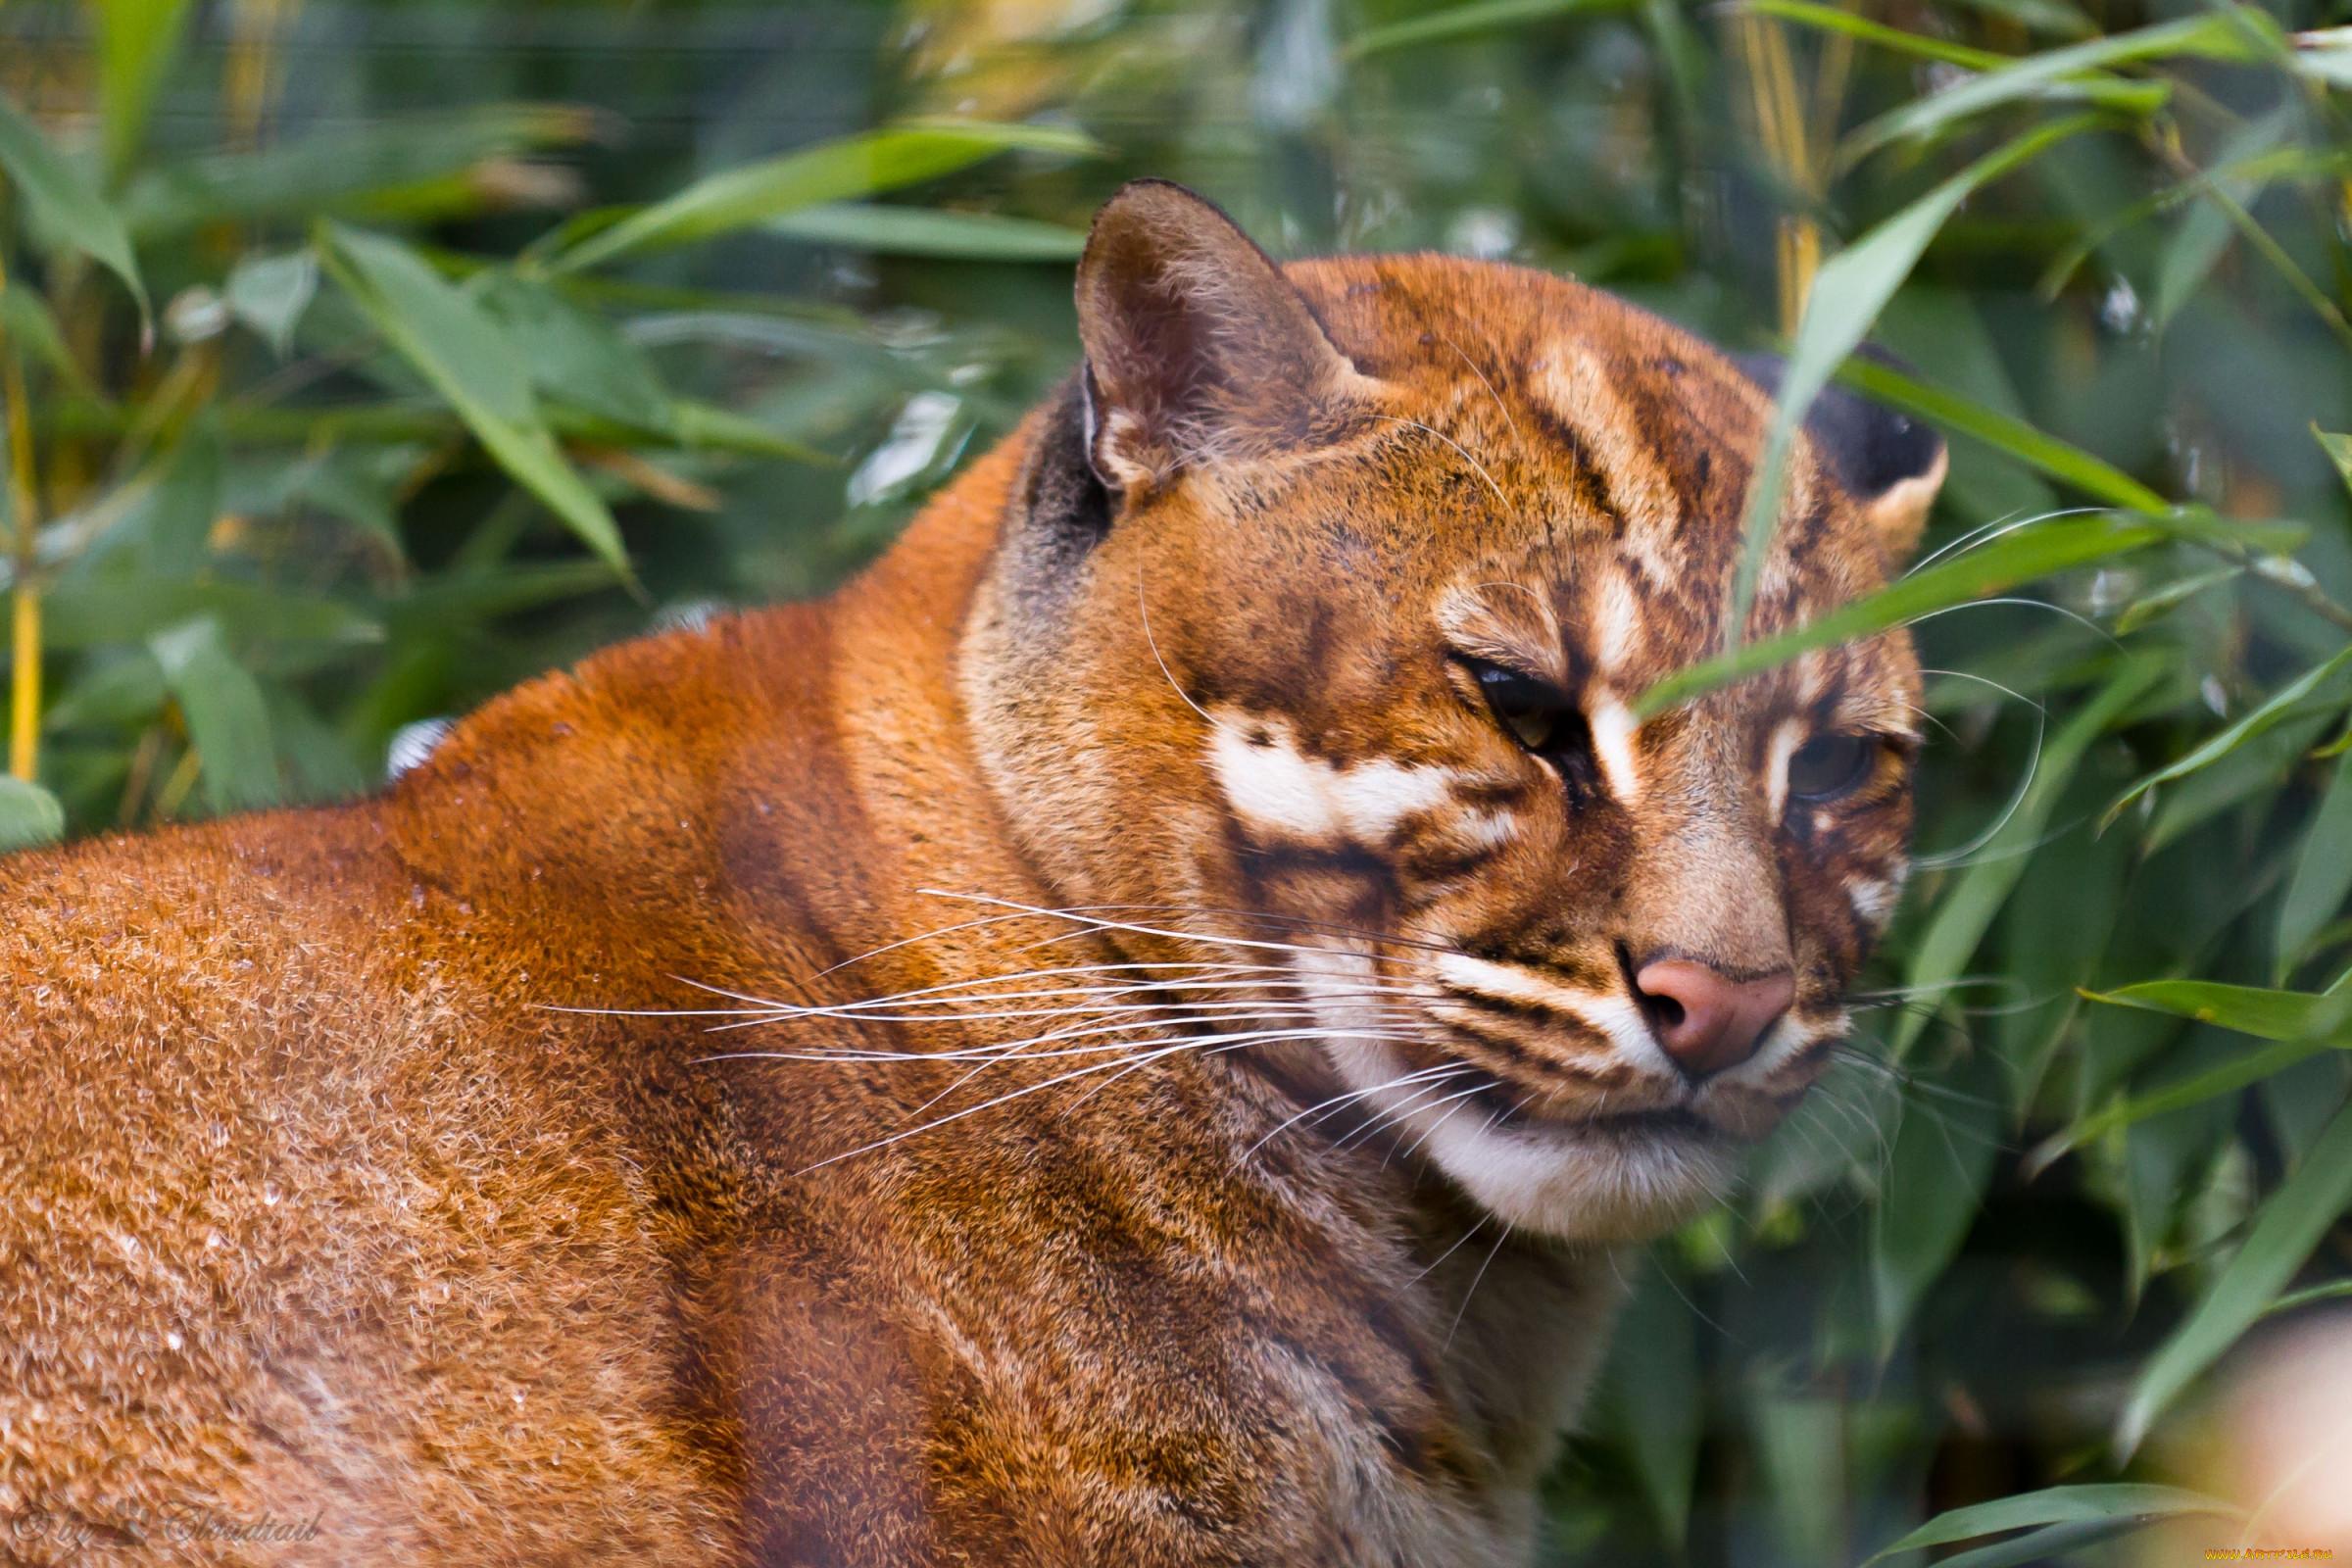 дикие кошки фото и названия в природе привычных символах